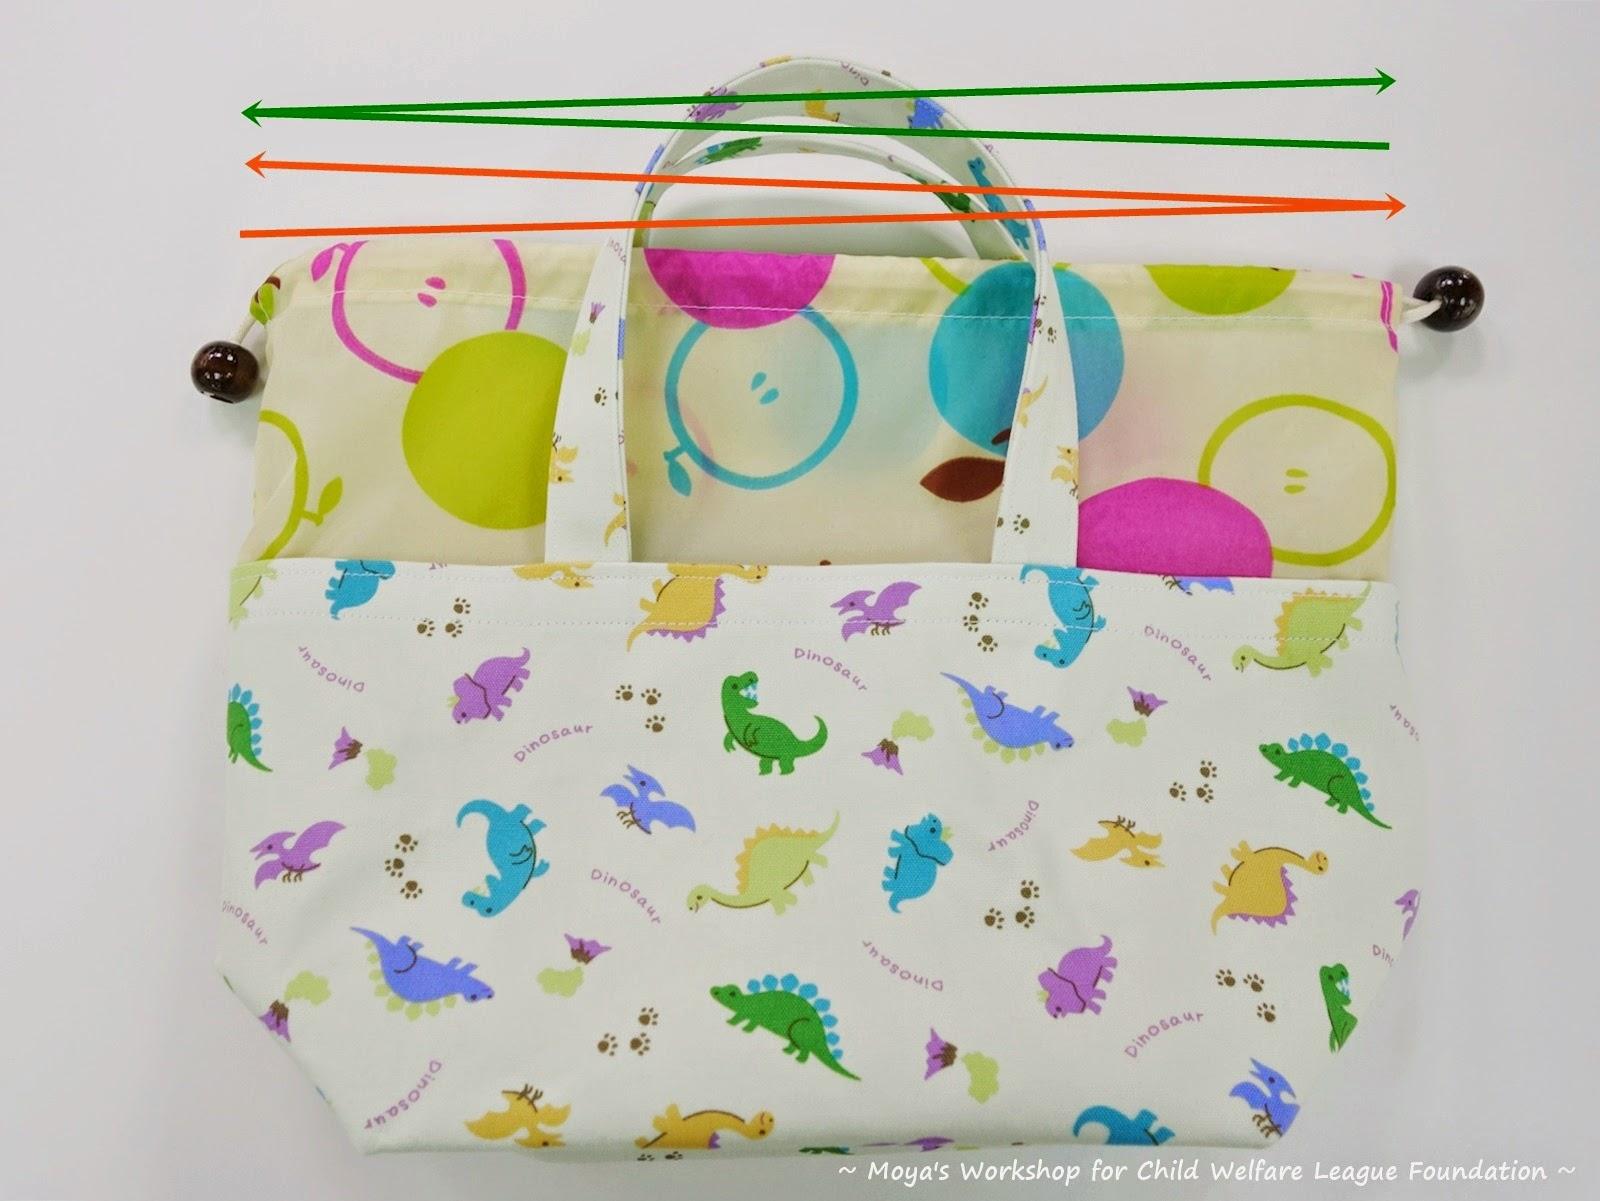 ... 兒福聯盟公益便當袋 – 作法步驟分享 Charity Lunch Bag